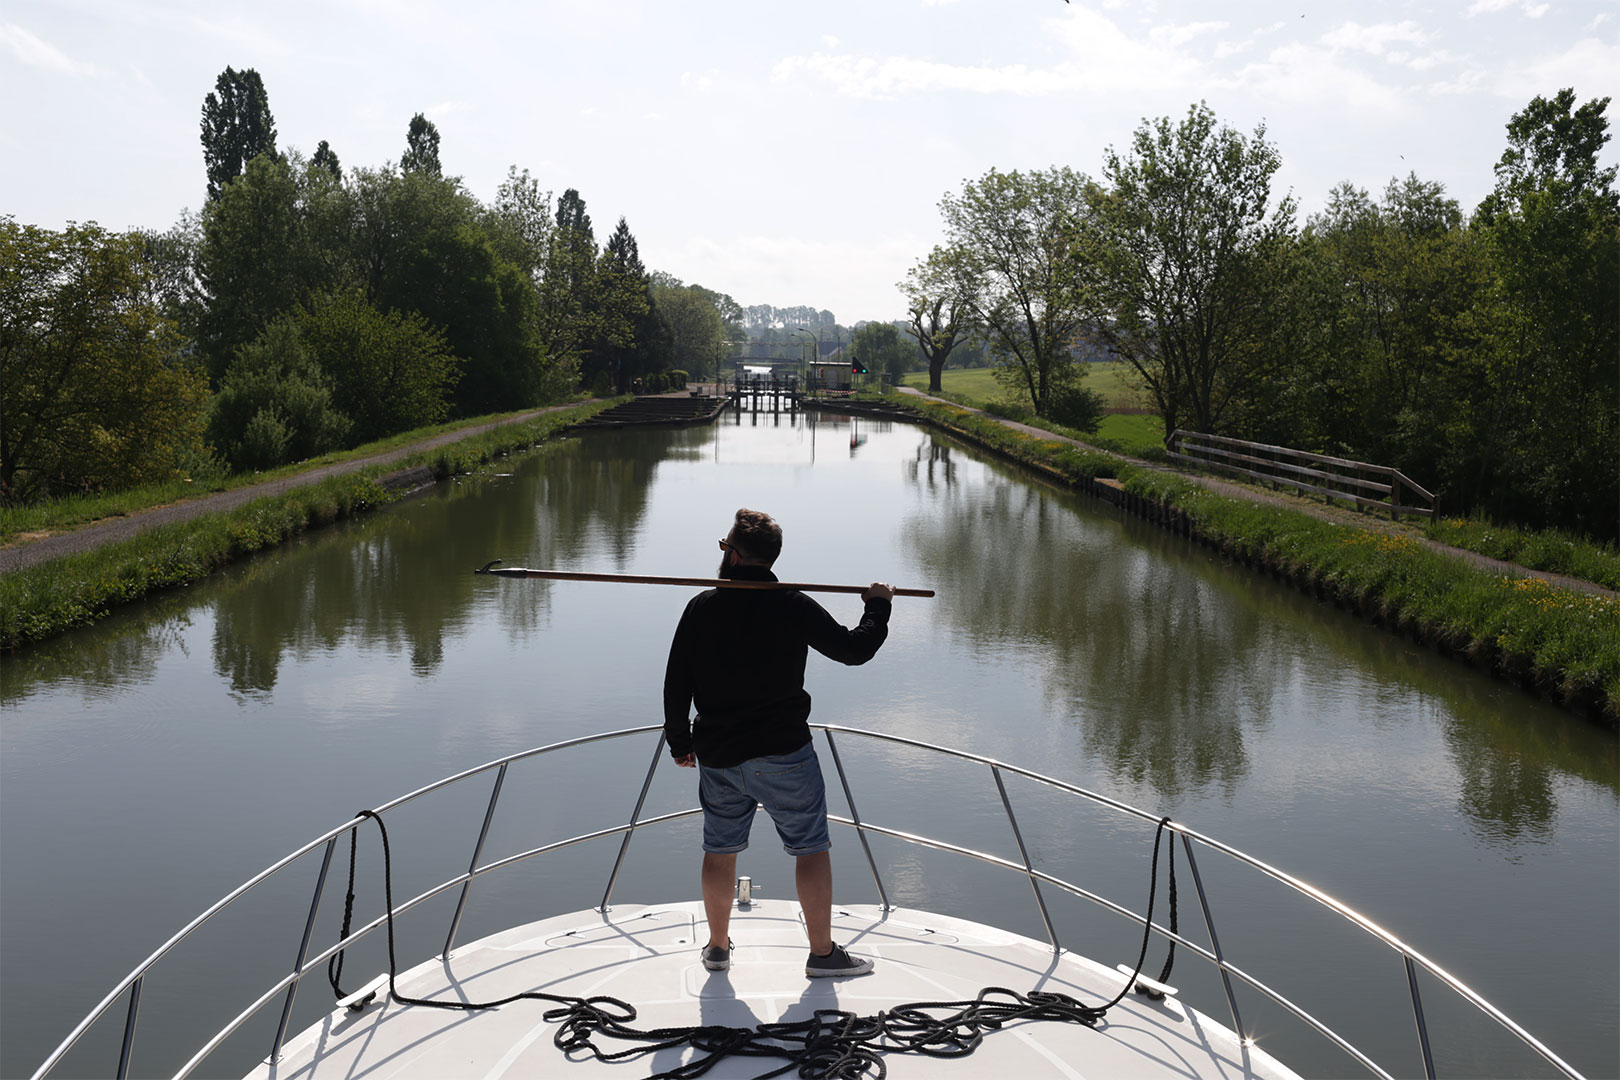 Sei ein Wochenende der Kapitän auf deinem eigenem Hausboot